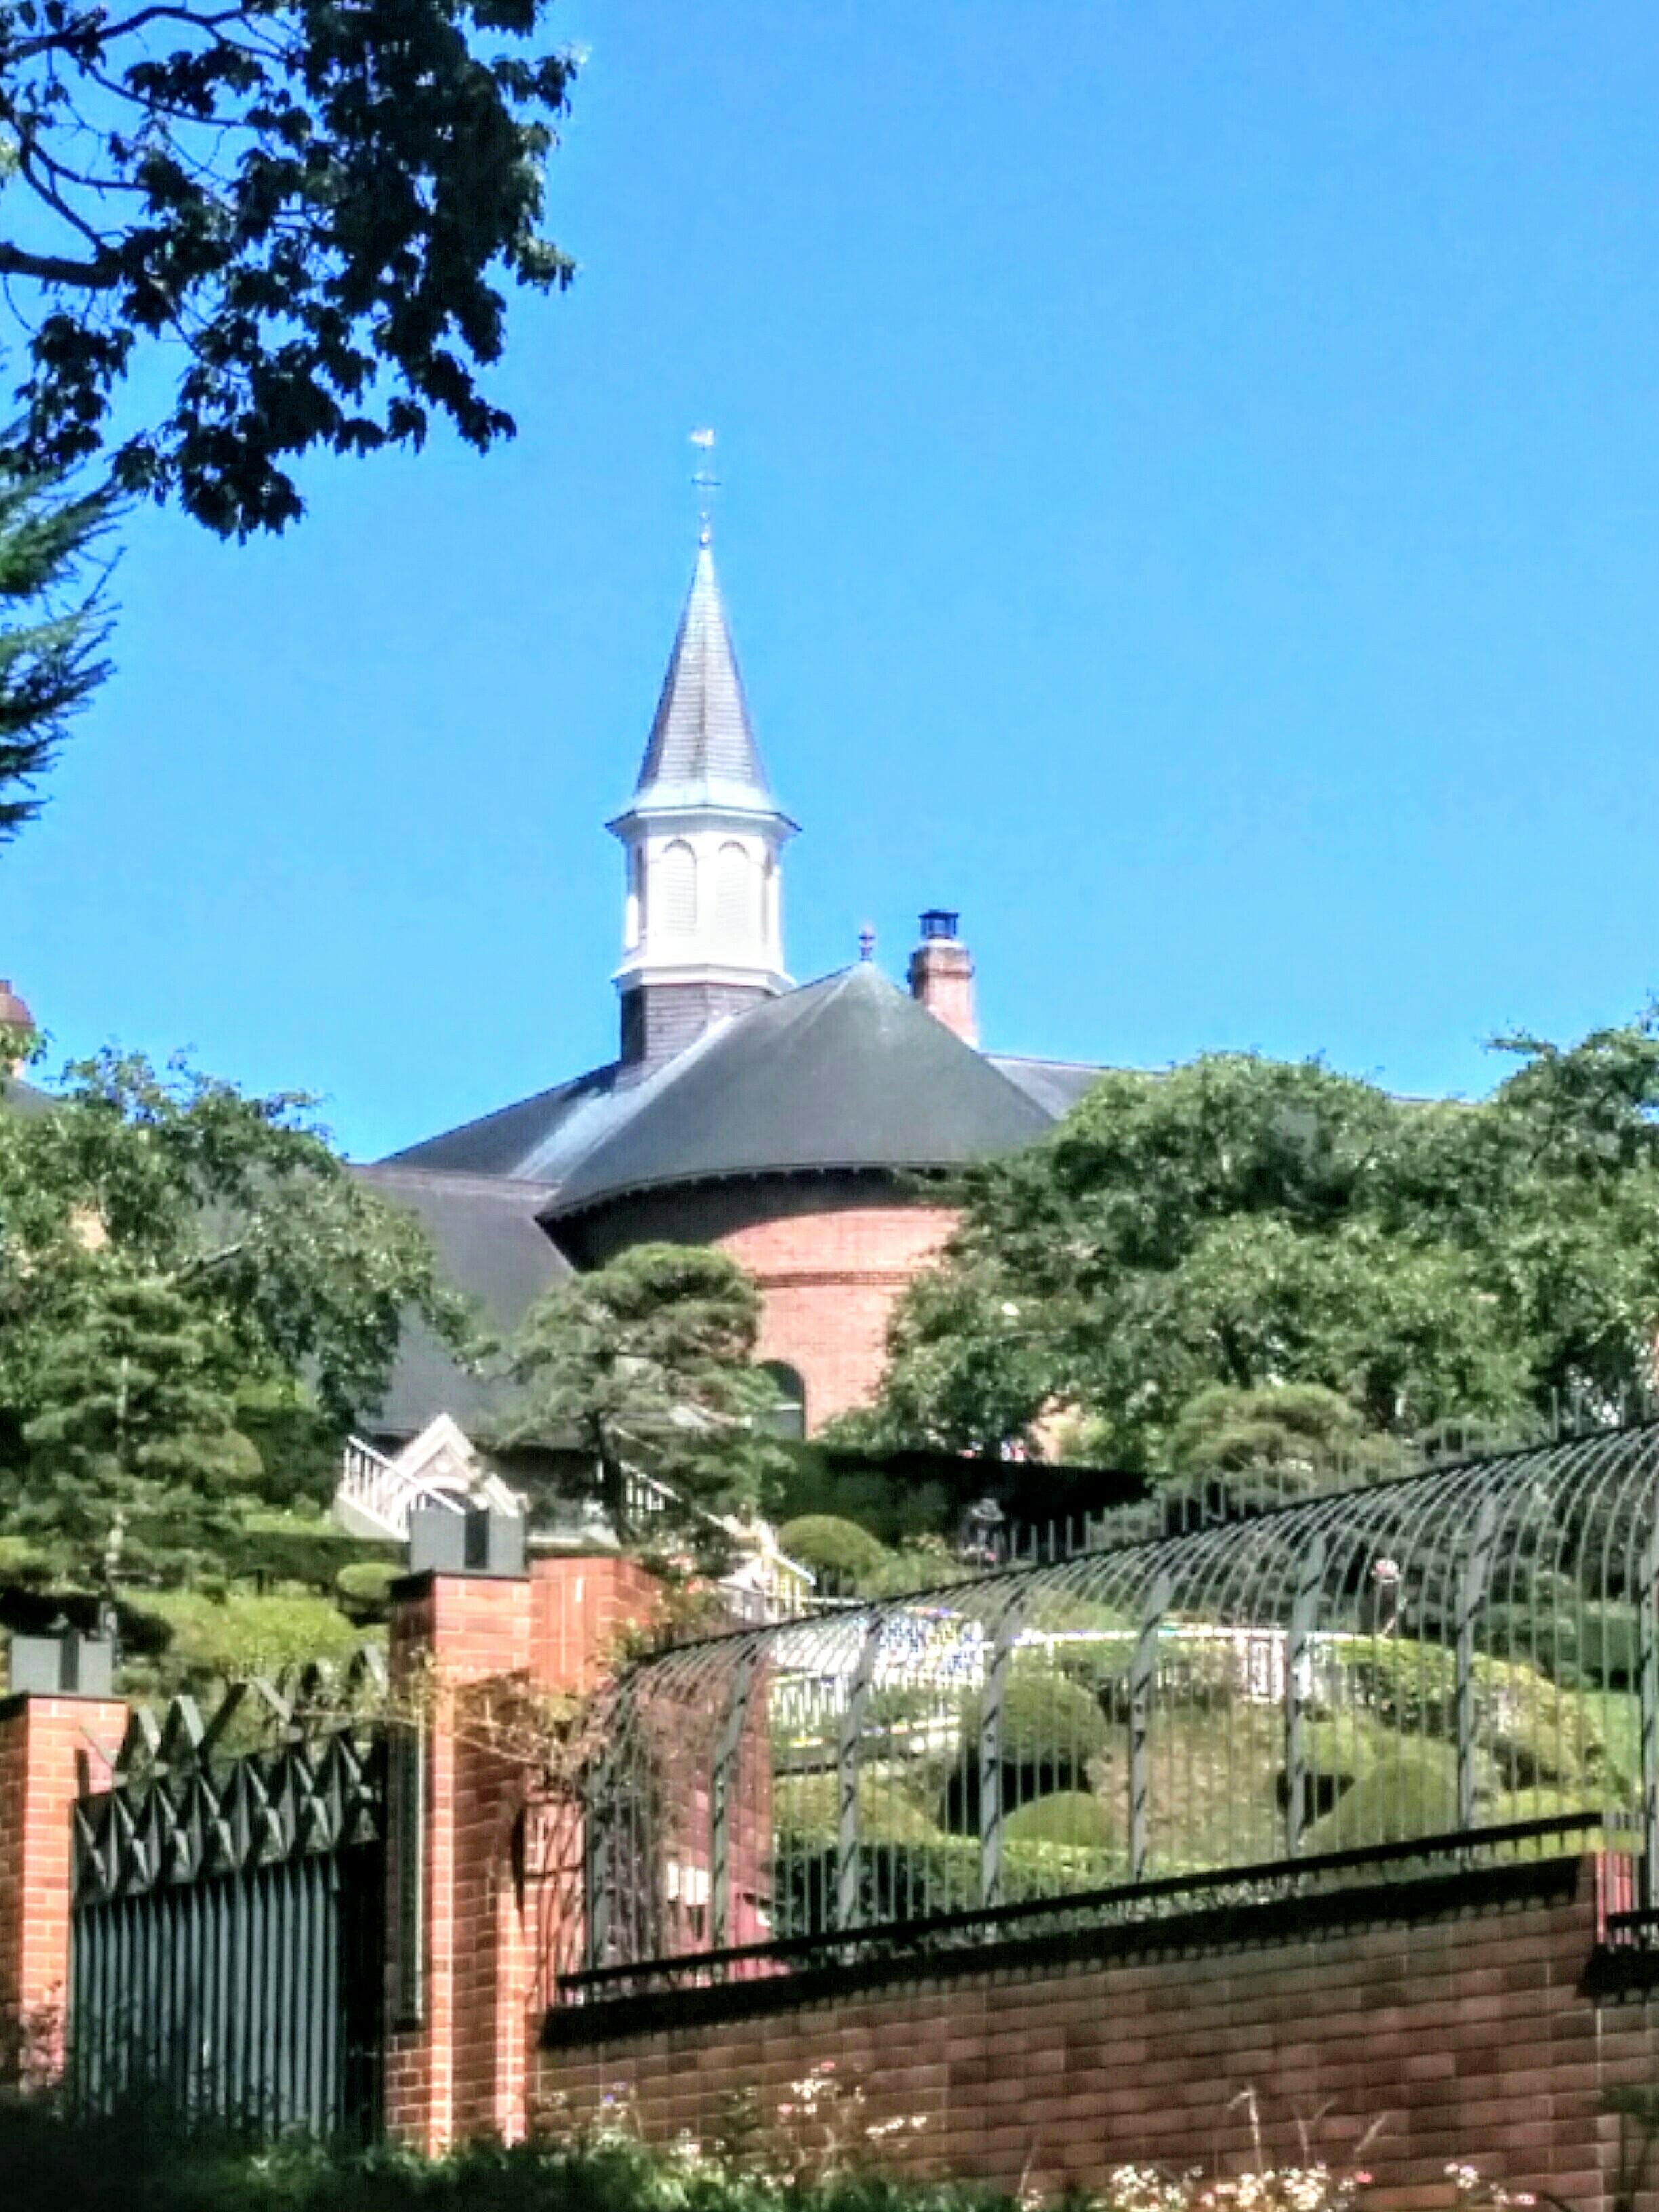 【函館】トラピスチヌ修道院観光案内です。